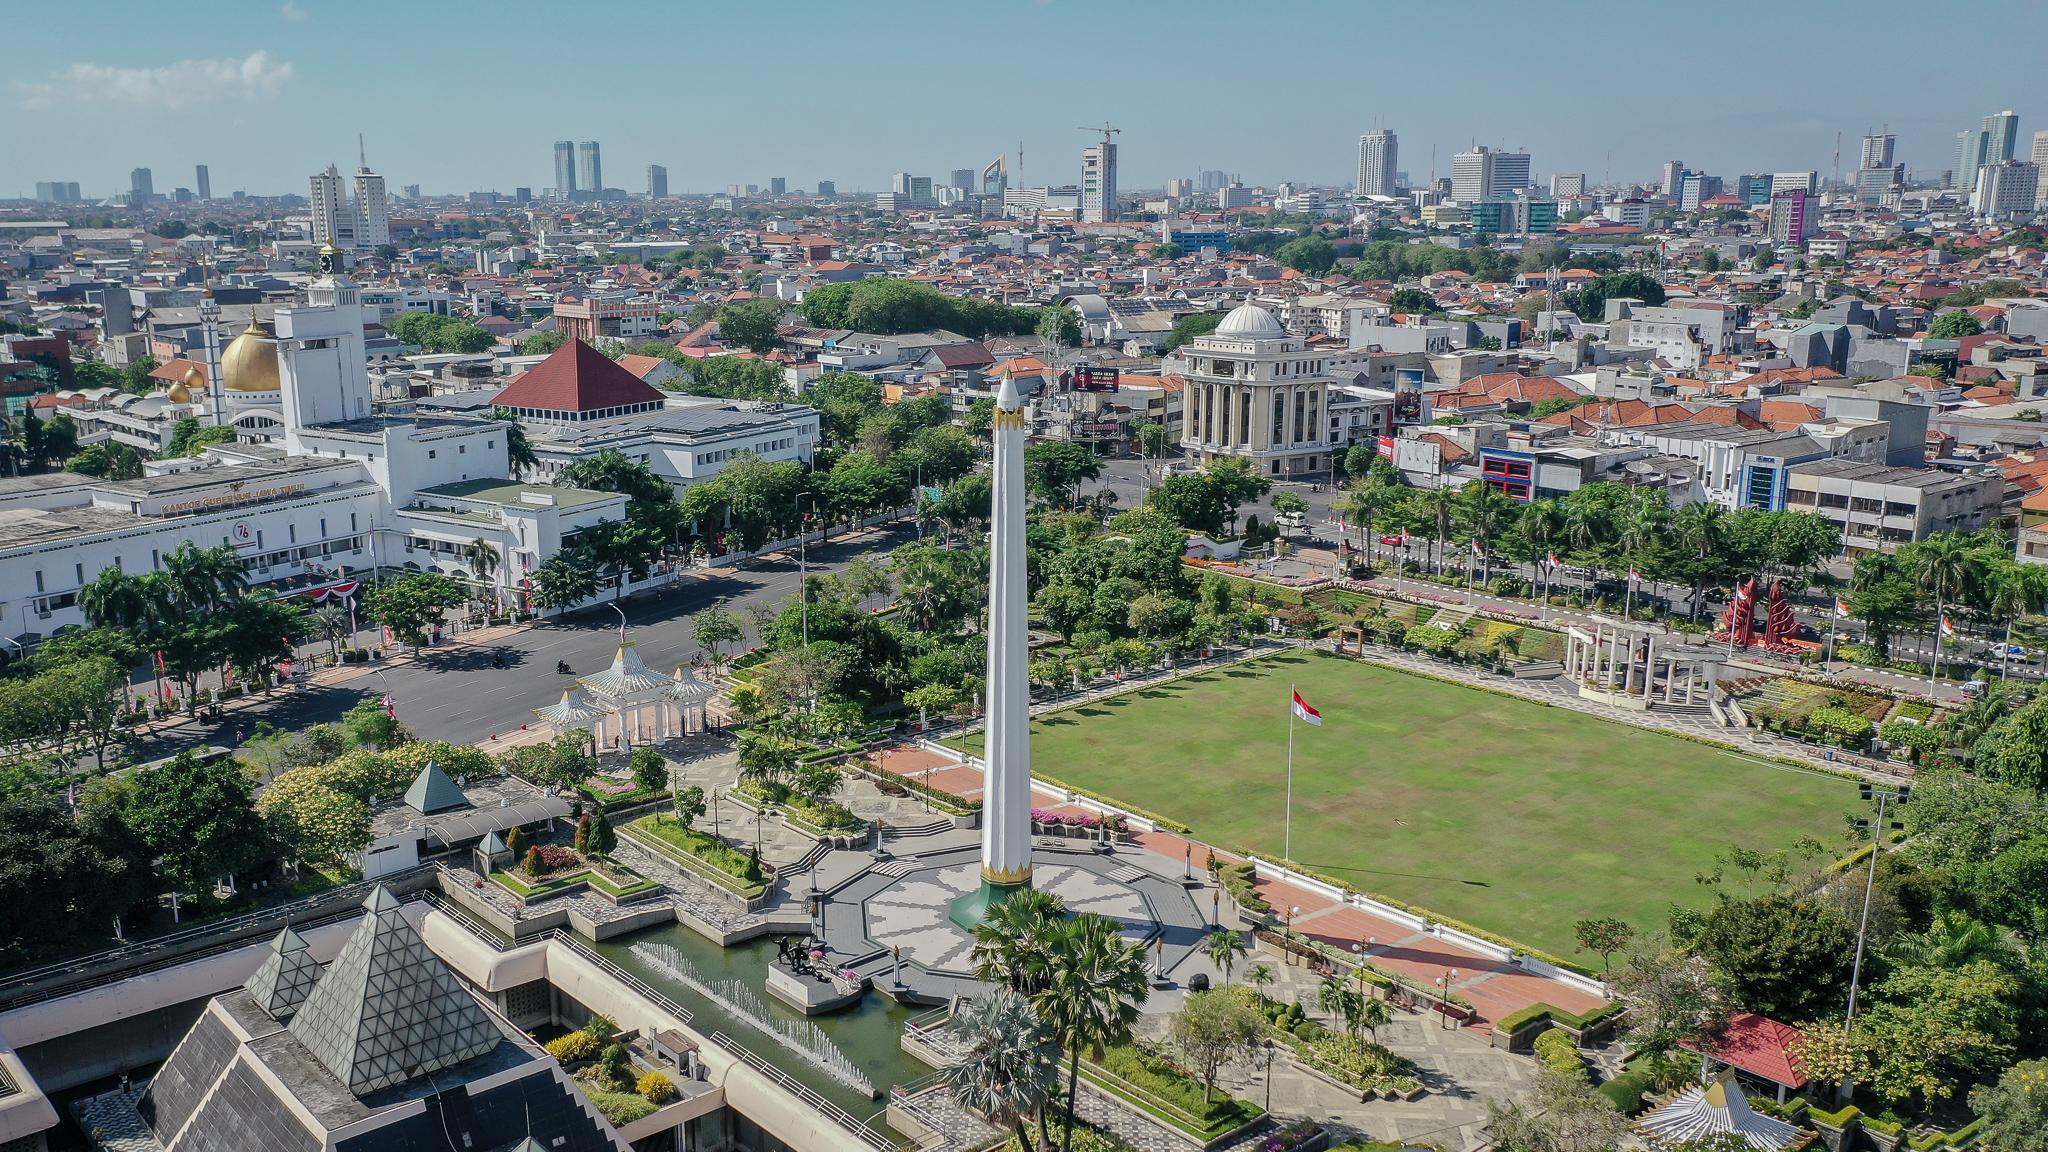 Foto Udara Tugu Pahlawan, Surabaya, Jawa Timur